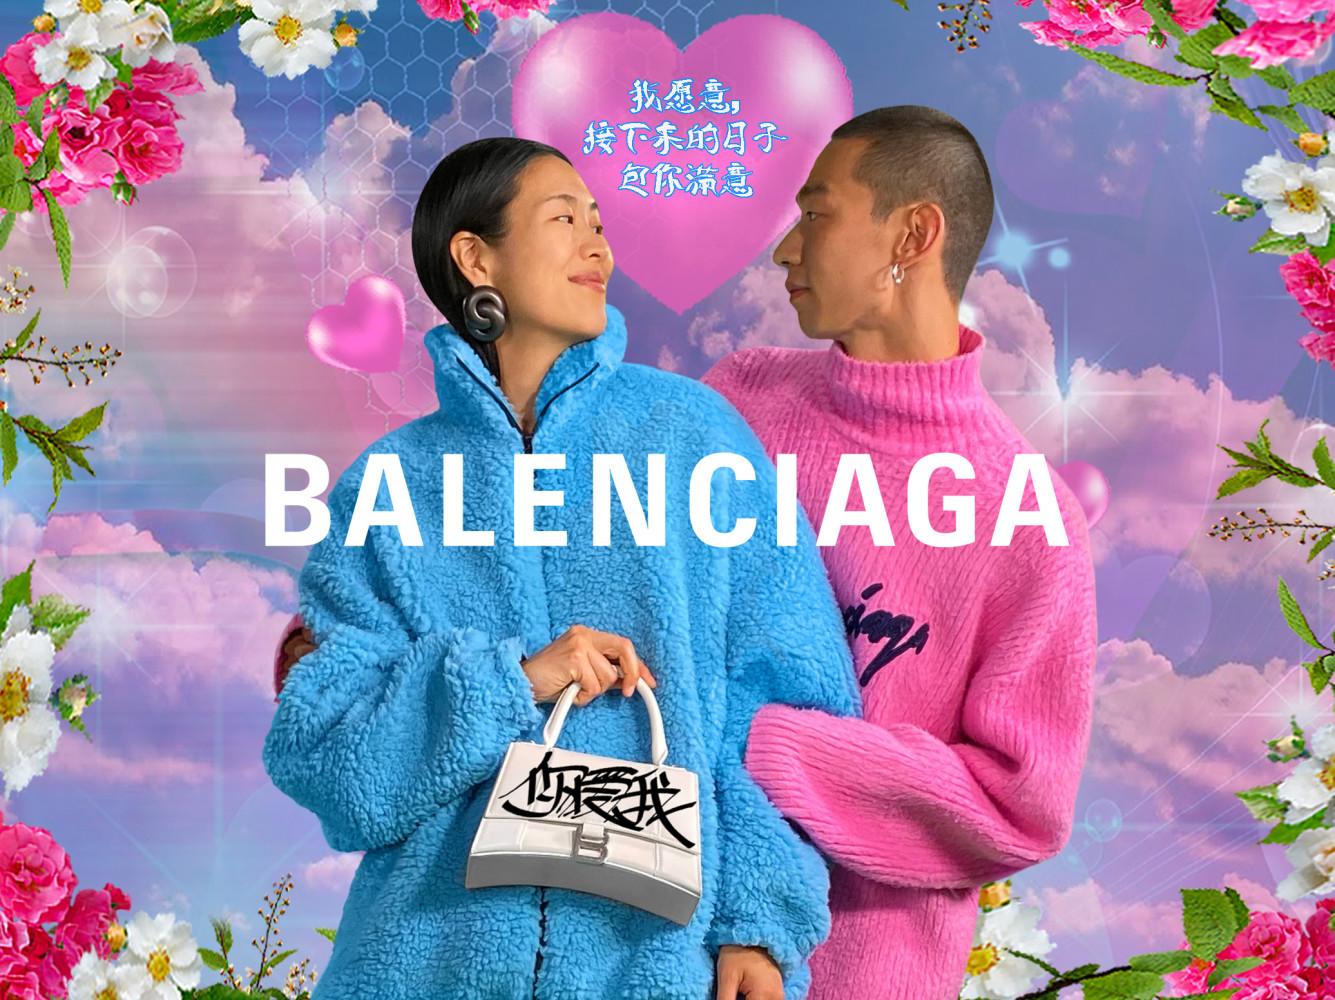 MEG FUJI FOR BALENCIAGA